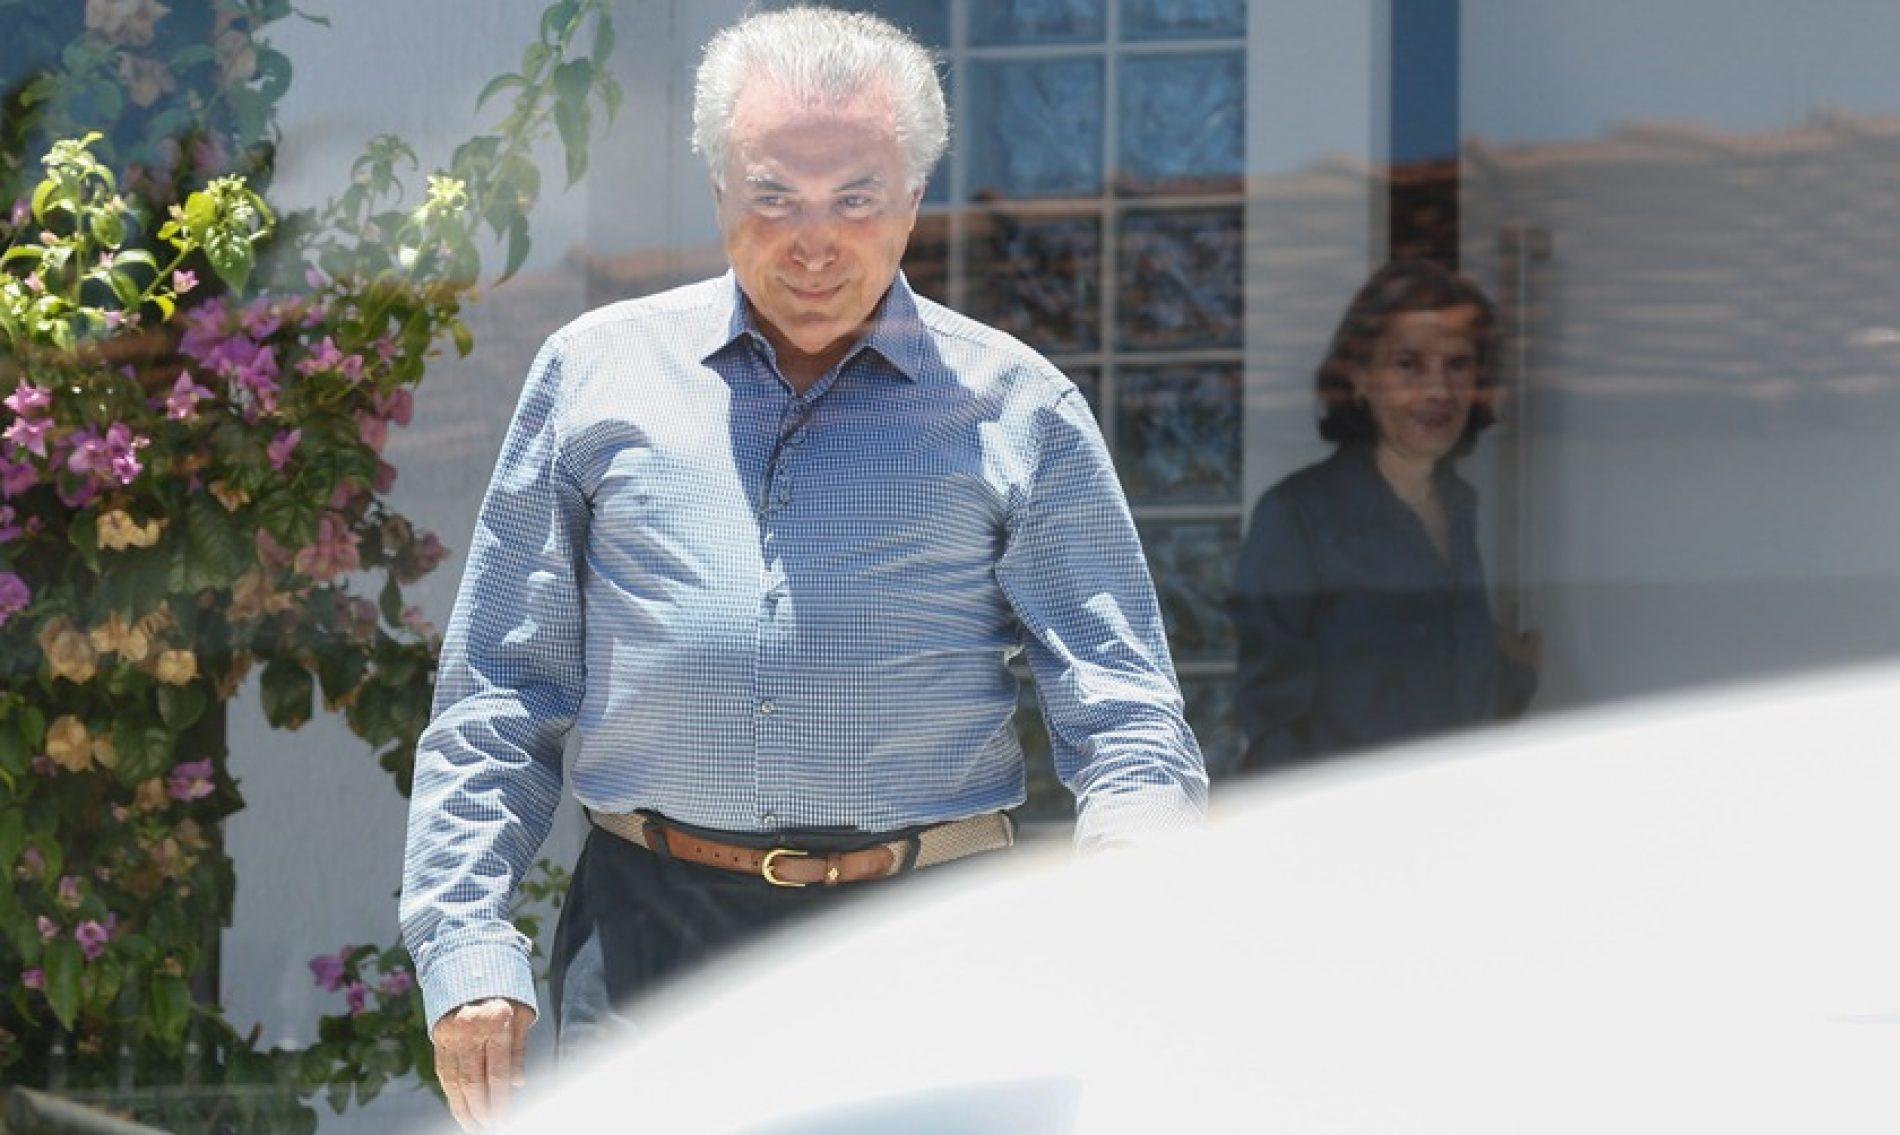 Temer desiste do pedido para suspender inquérito contra ele no STF